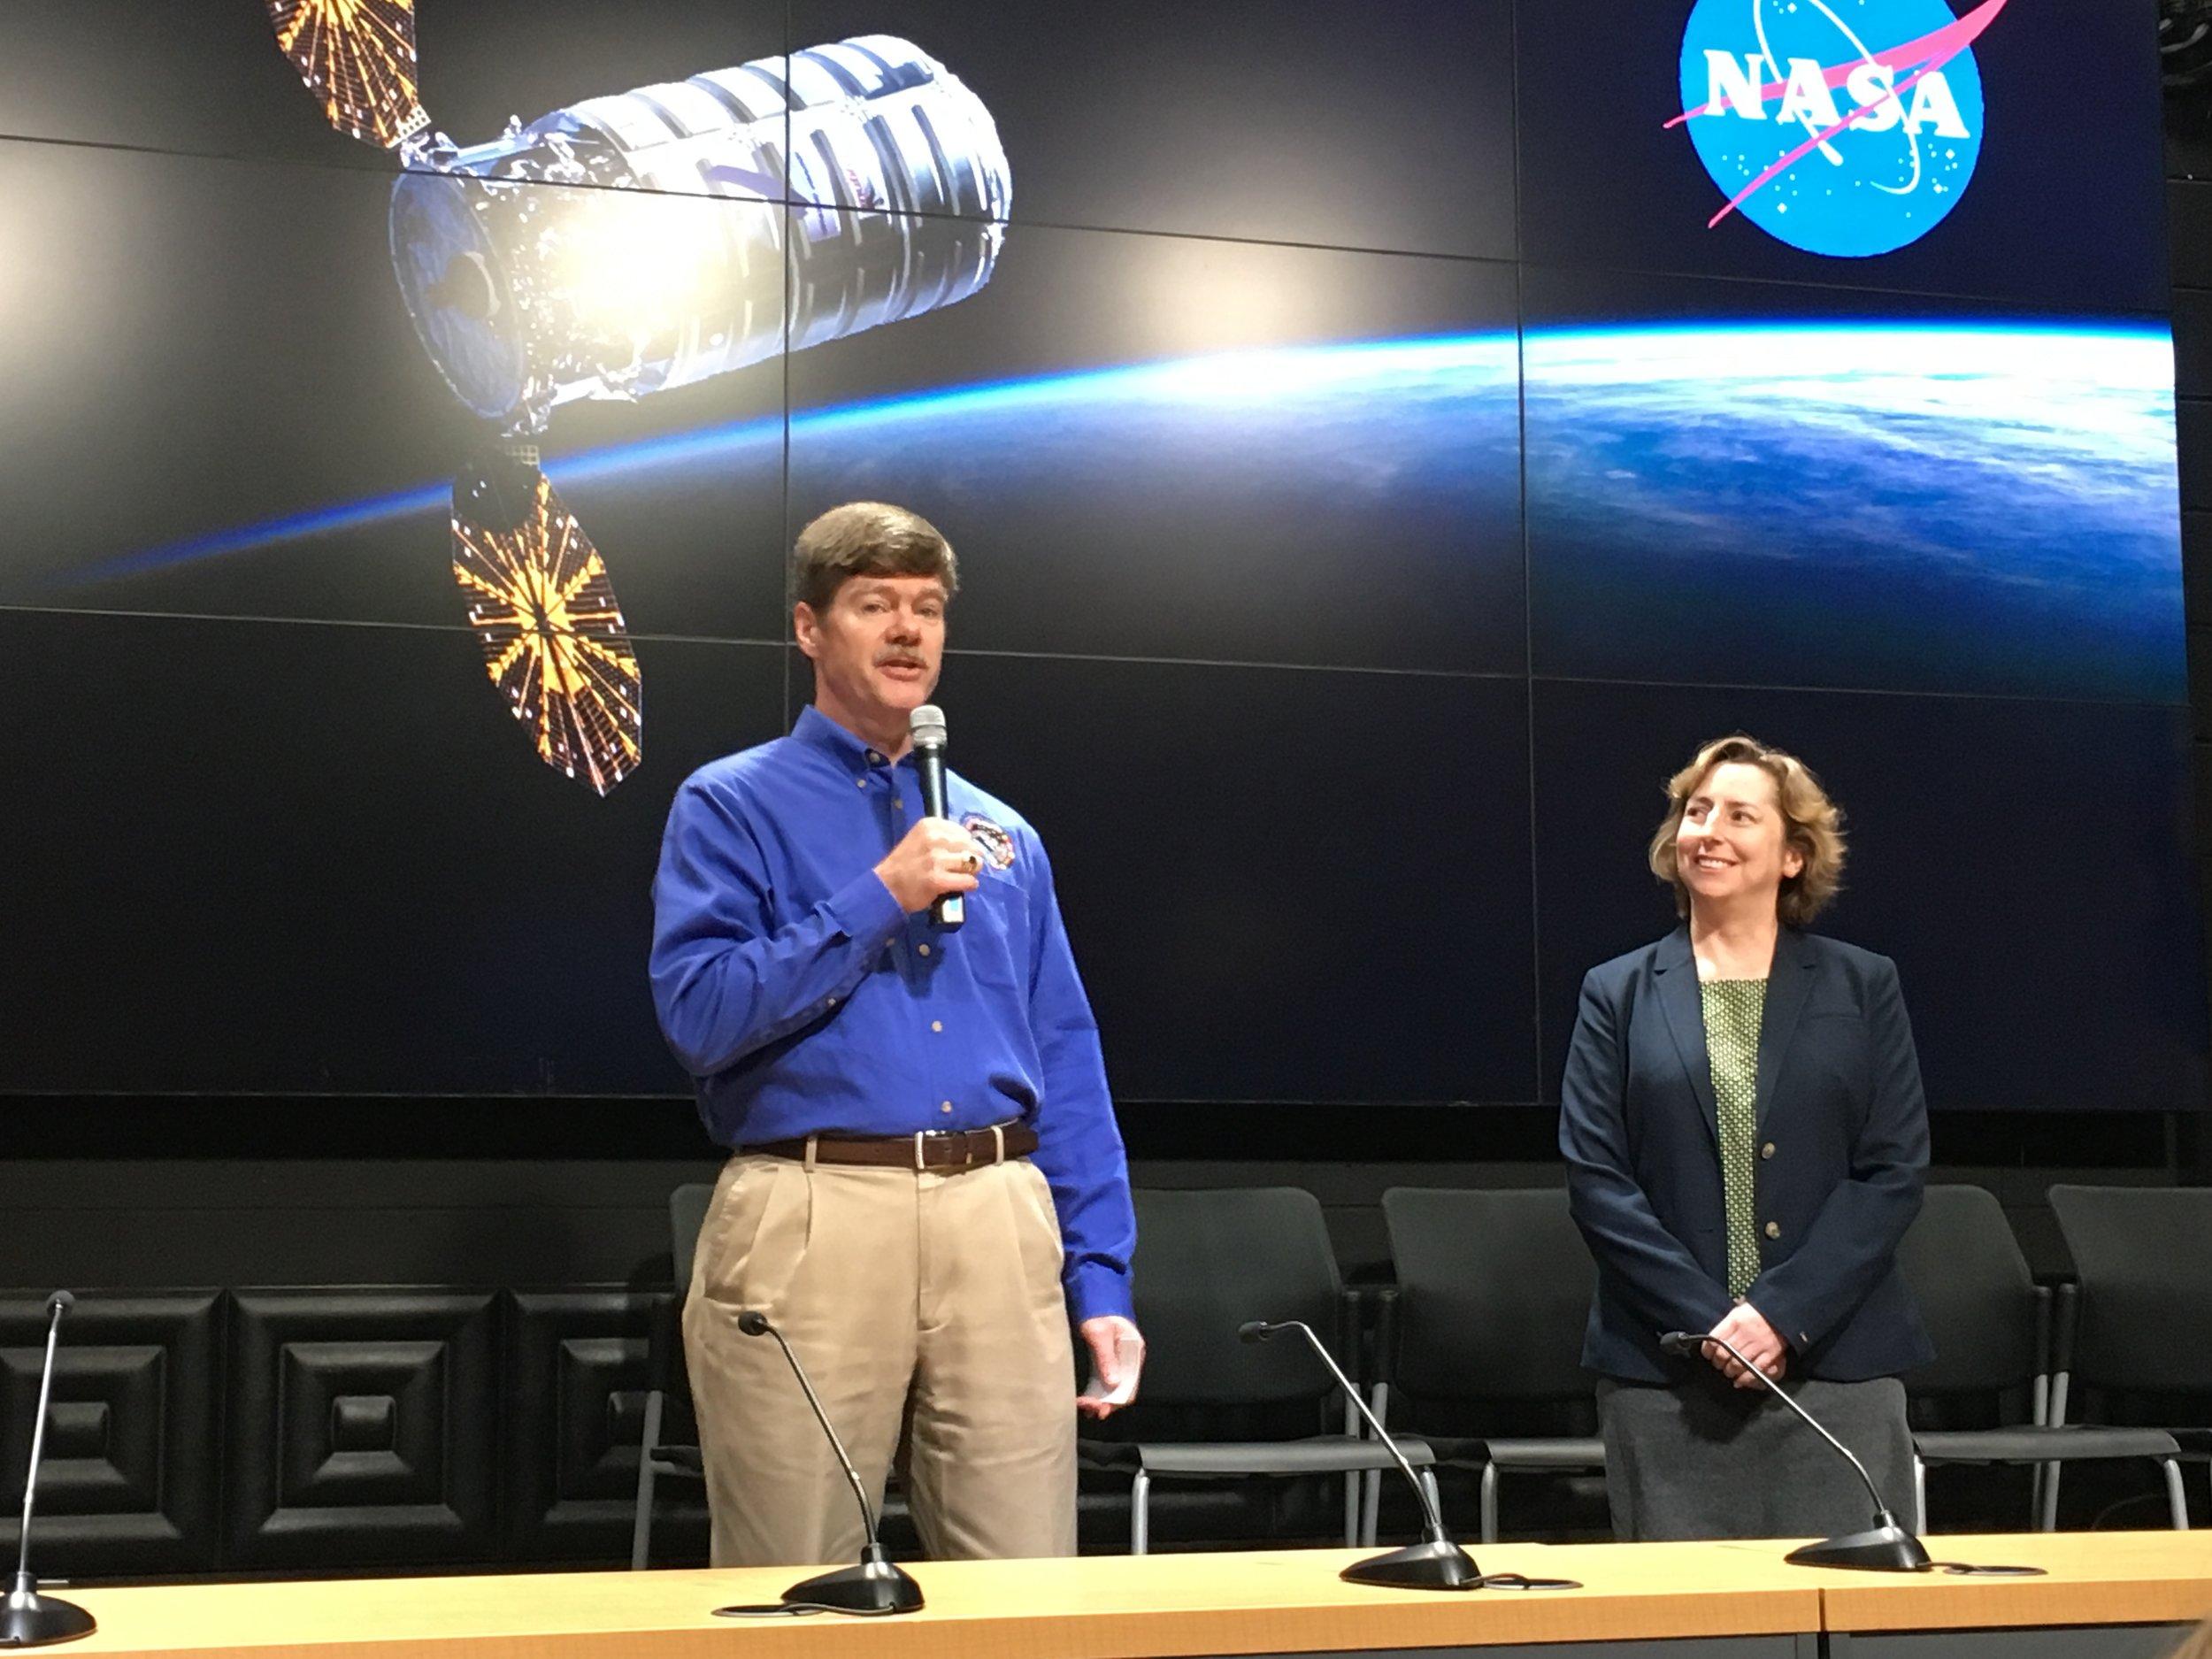 Peter Hasbrook, NASA JSC; and Liz Warren, ISS National Lab/NASA JSC.